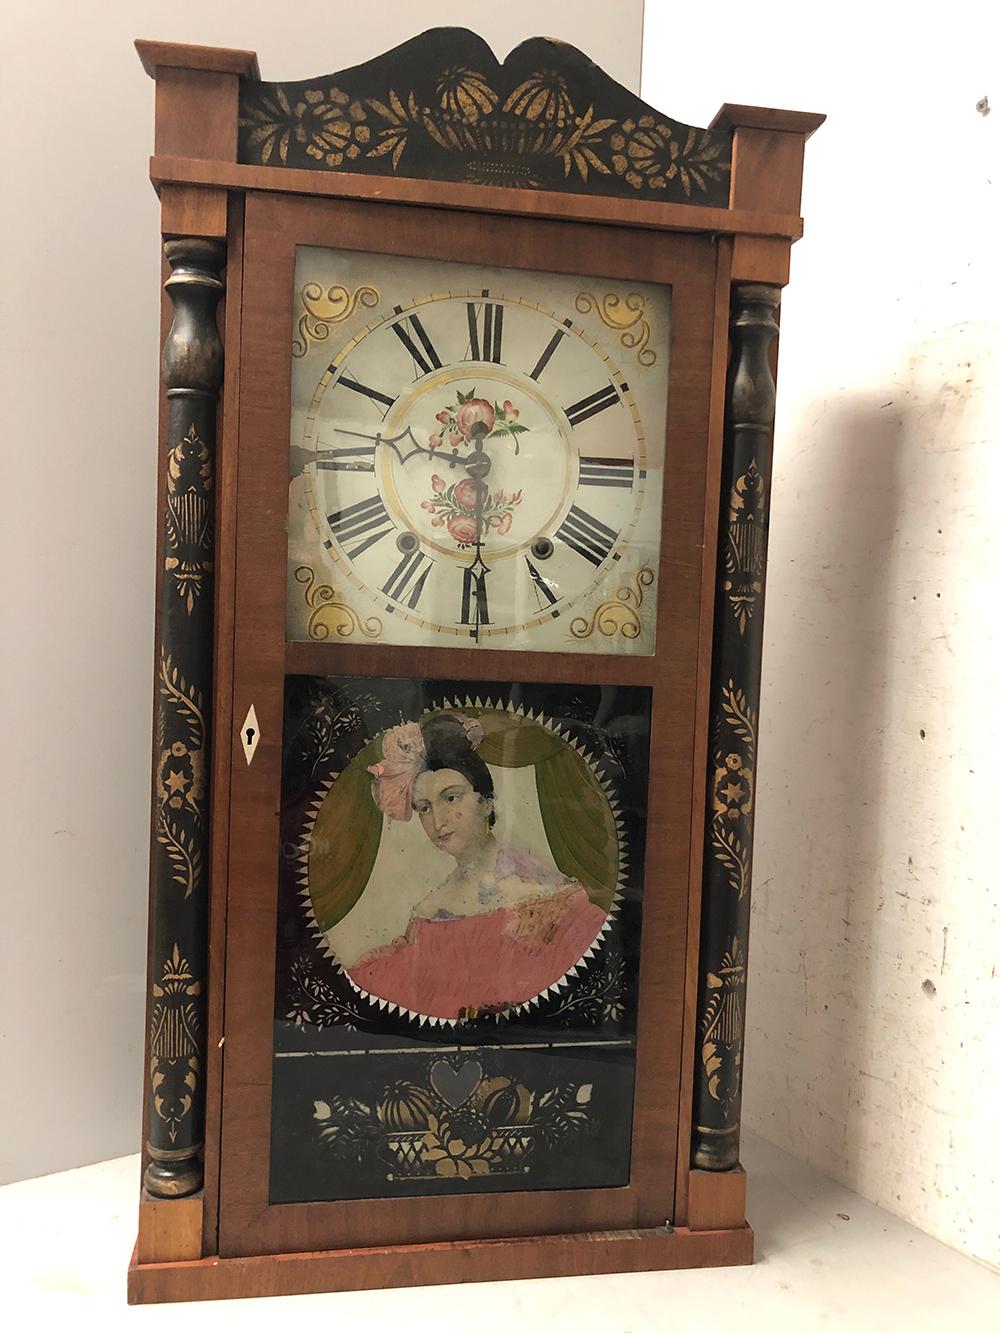 Edward M. Barnes Mantel Clock